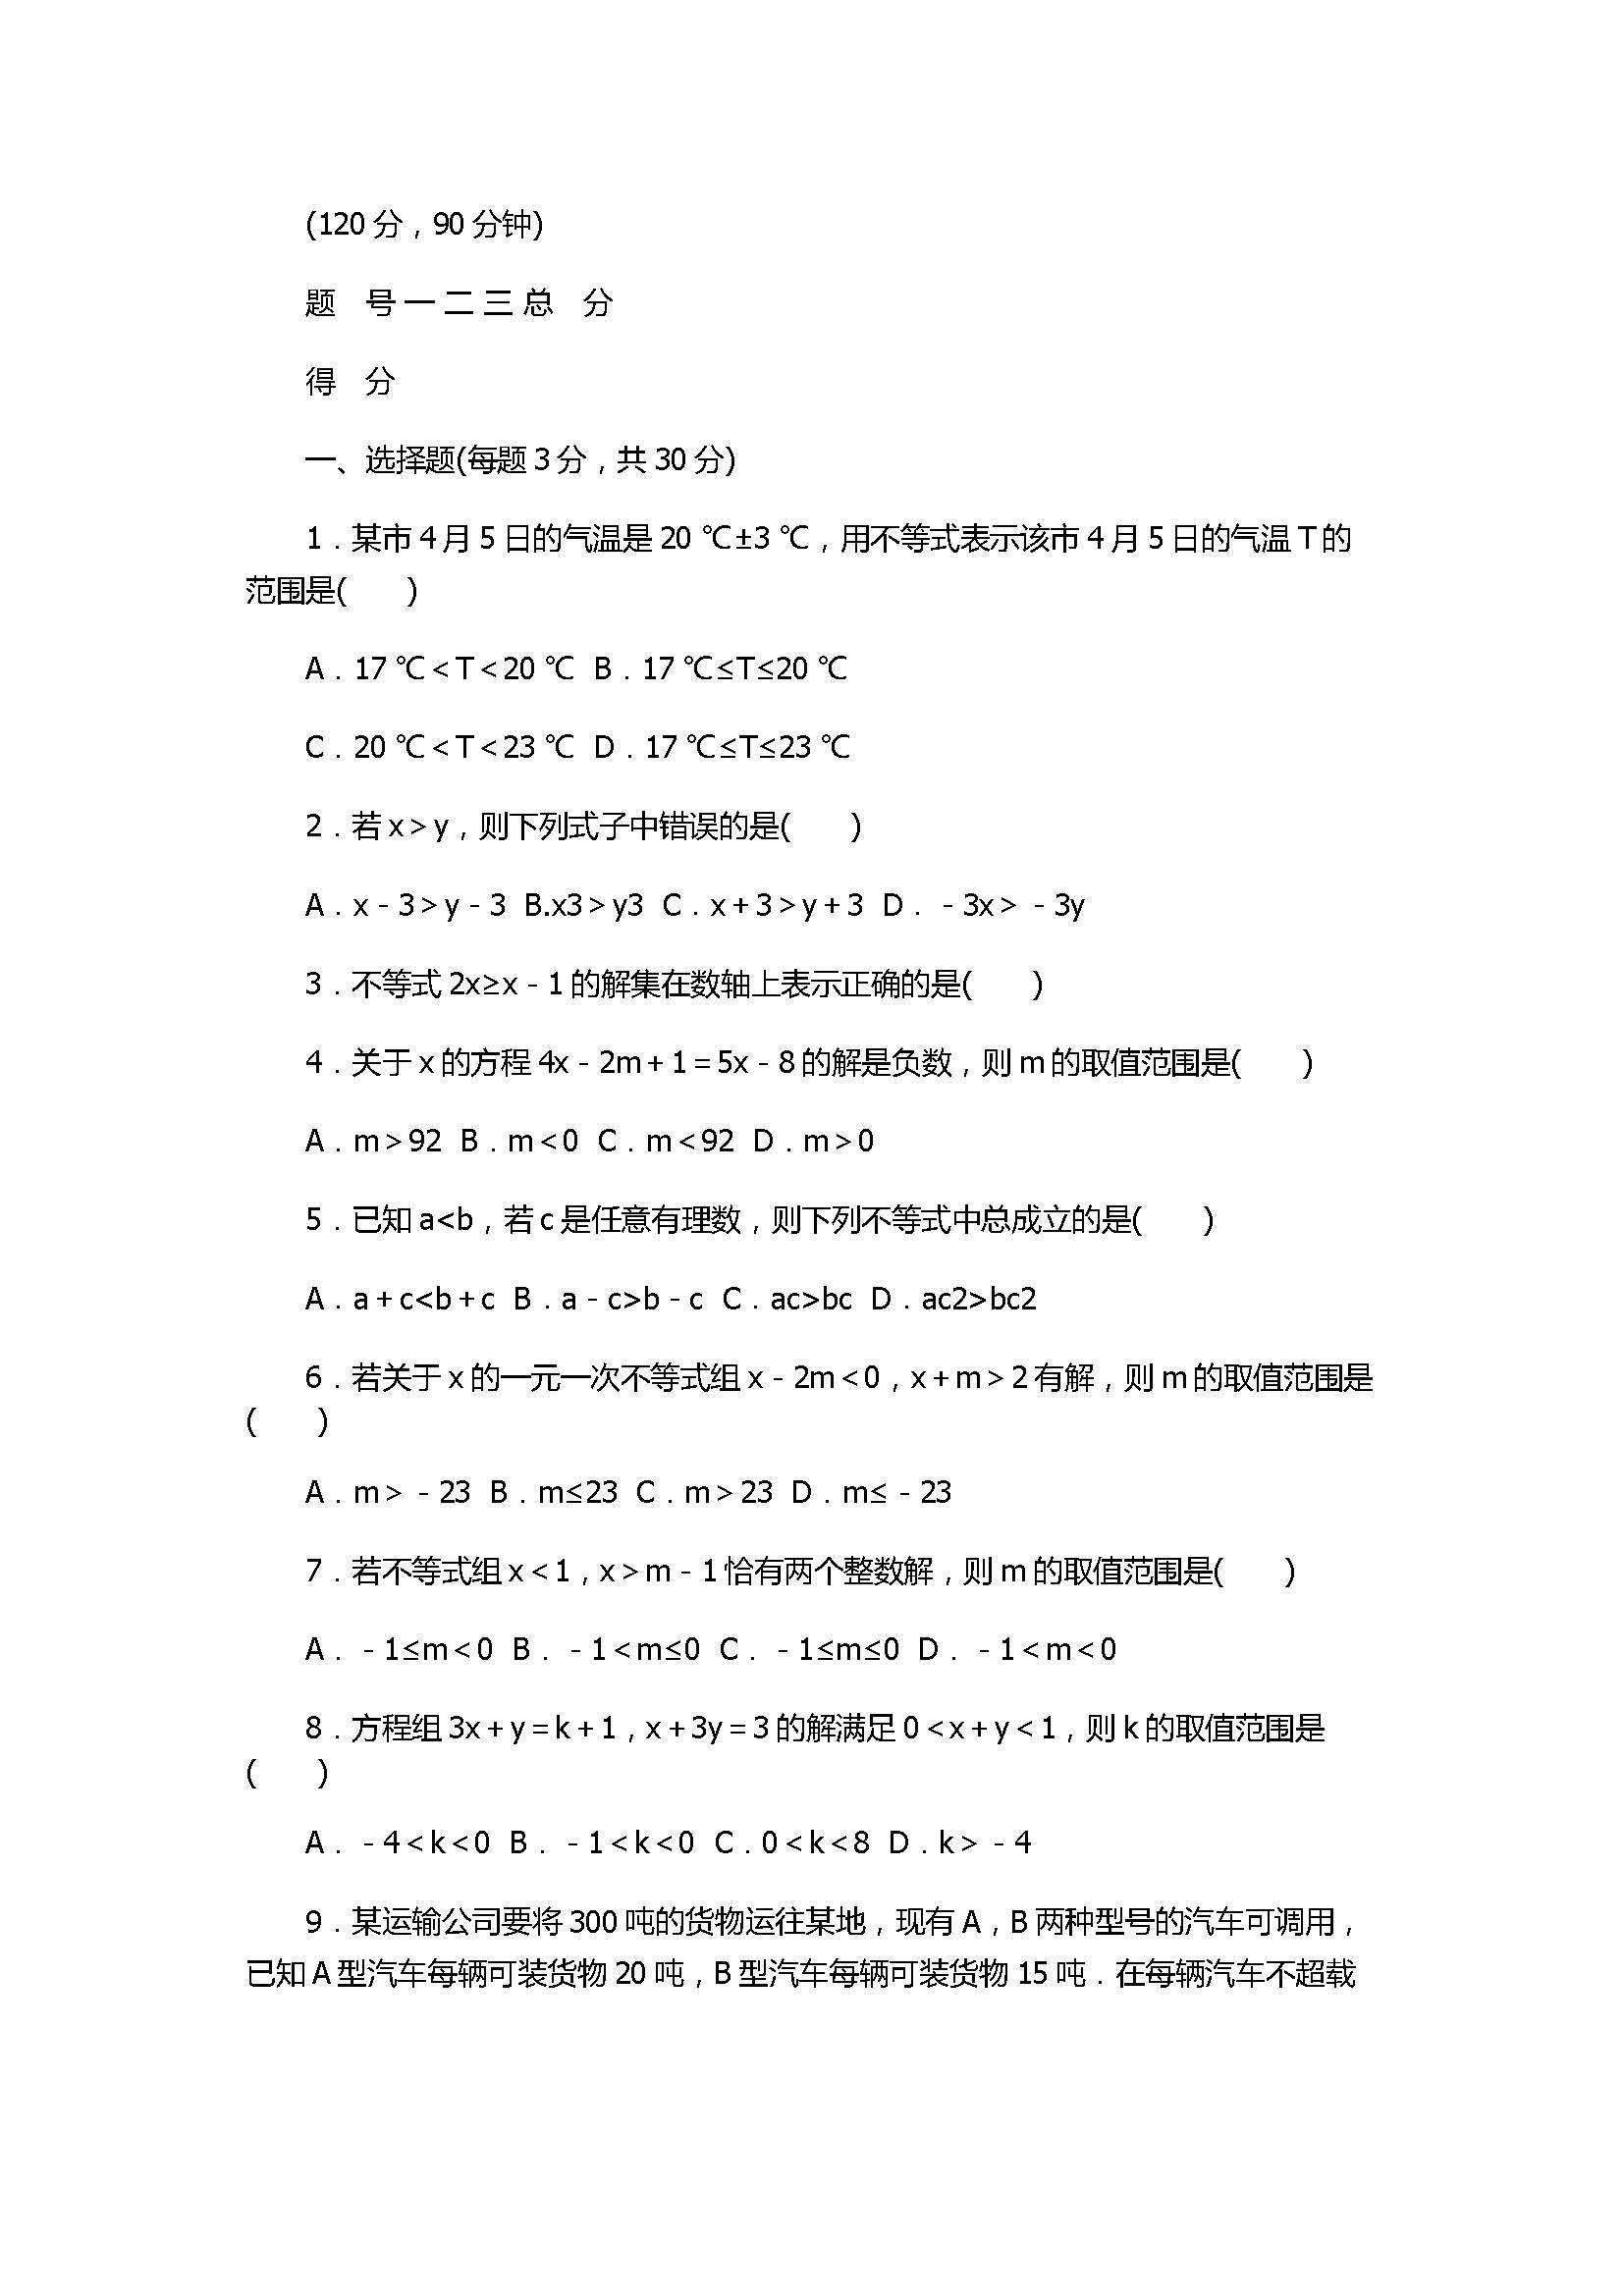 2017七年级下册数学第8章单元检测试卷带答案(华师大版)